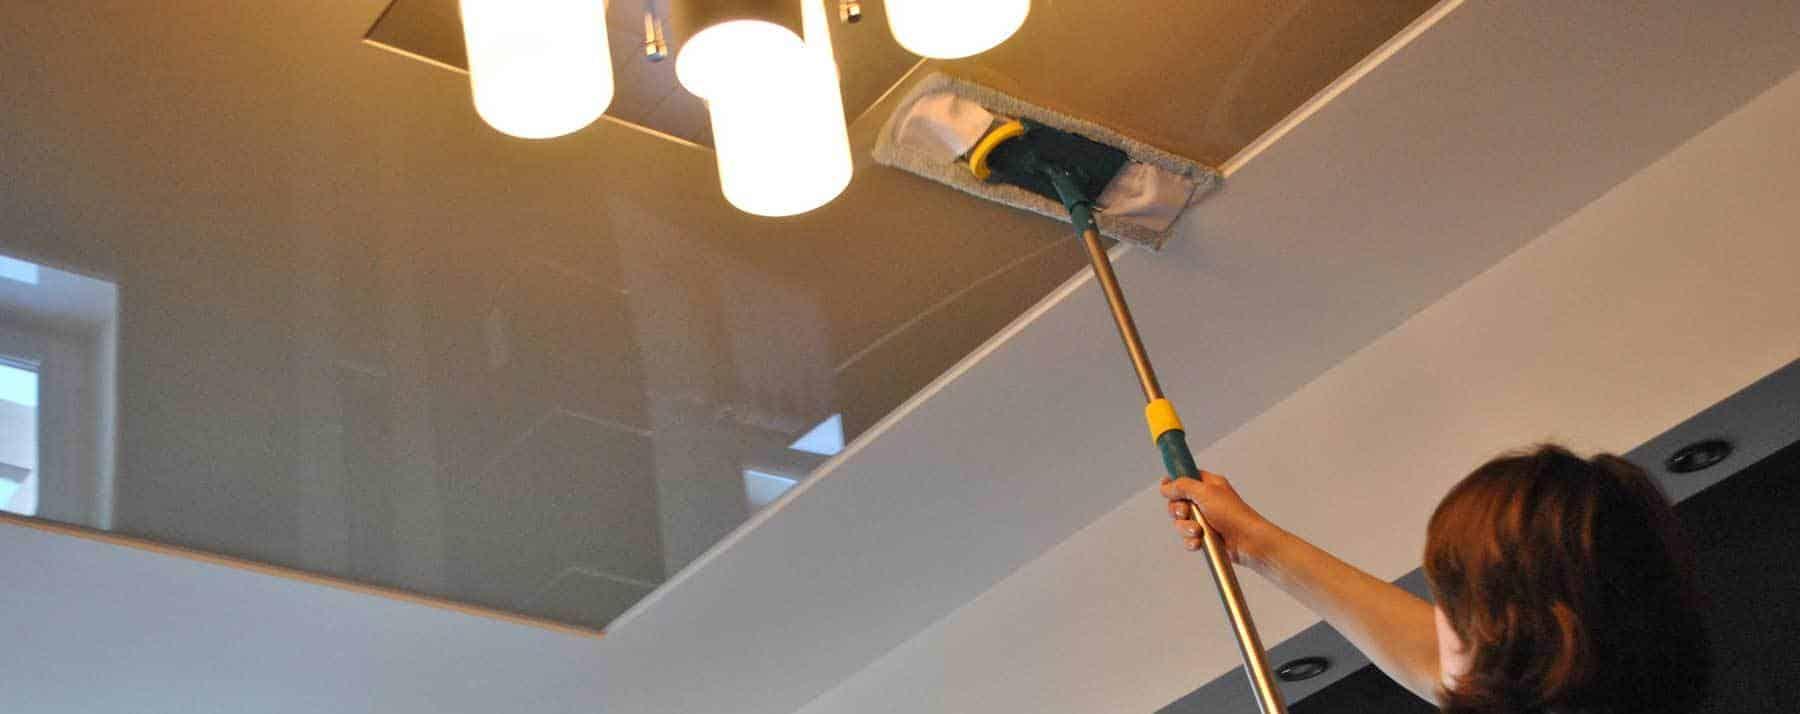 Как помыть глянцевый натяжной потолок без разводов